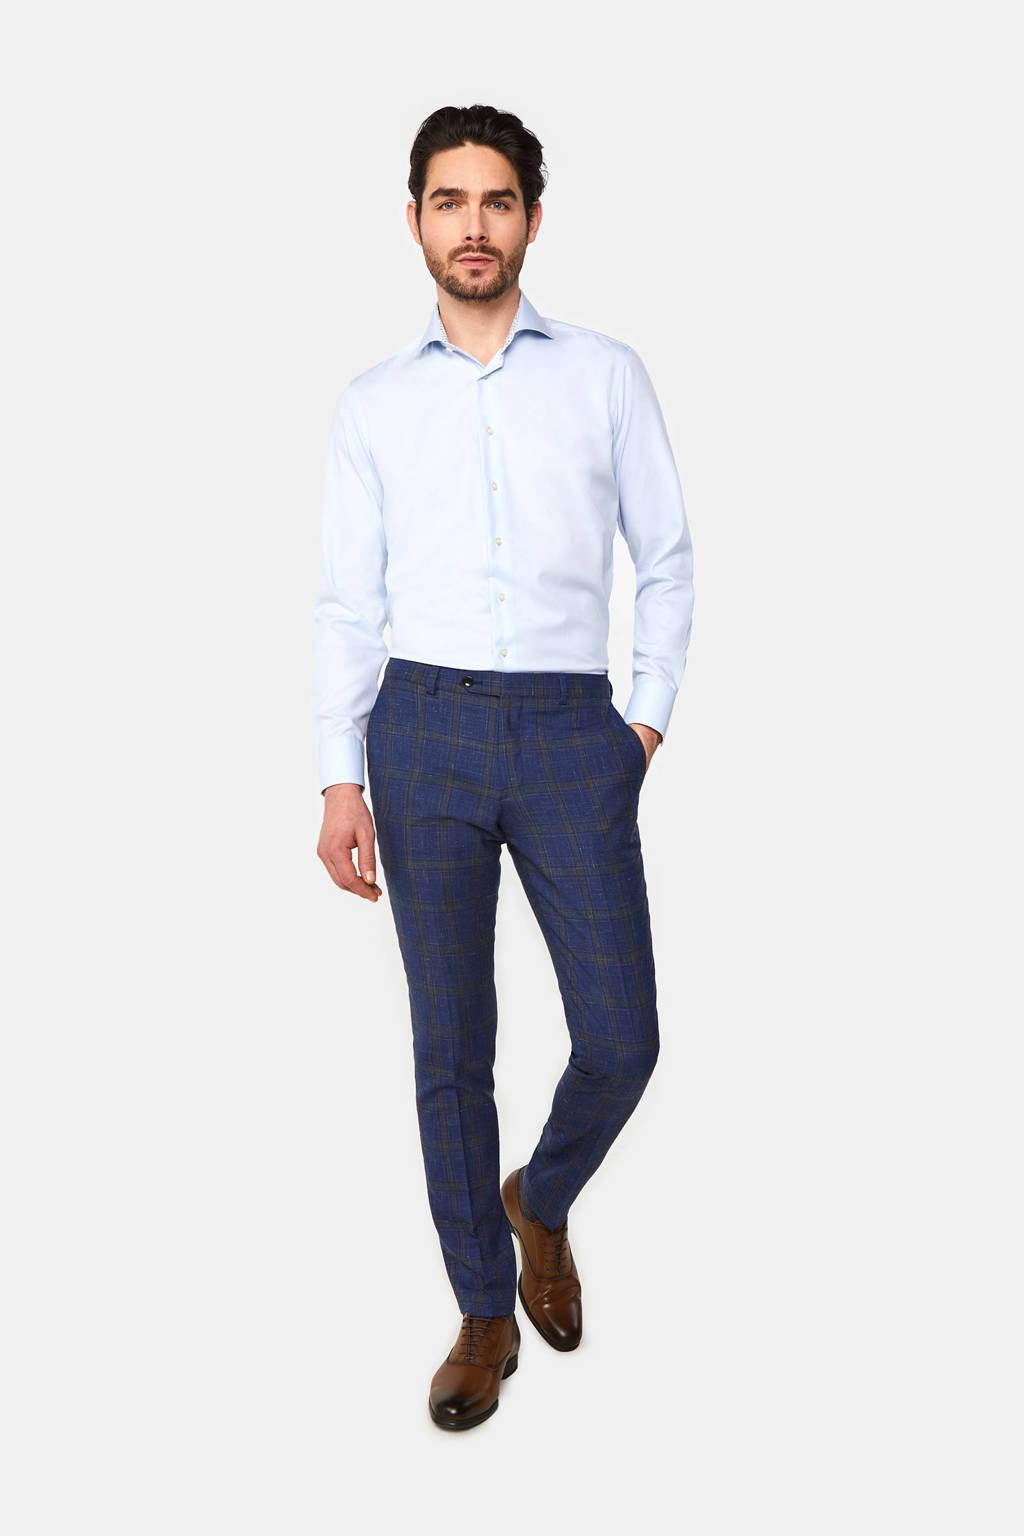 WE Fashion Van Gils slim fit overhemd light blue, Super Light Blue, Uni